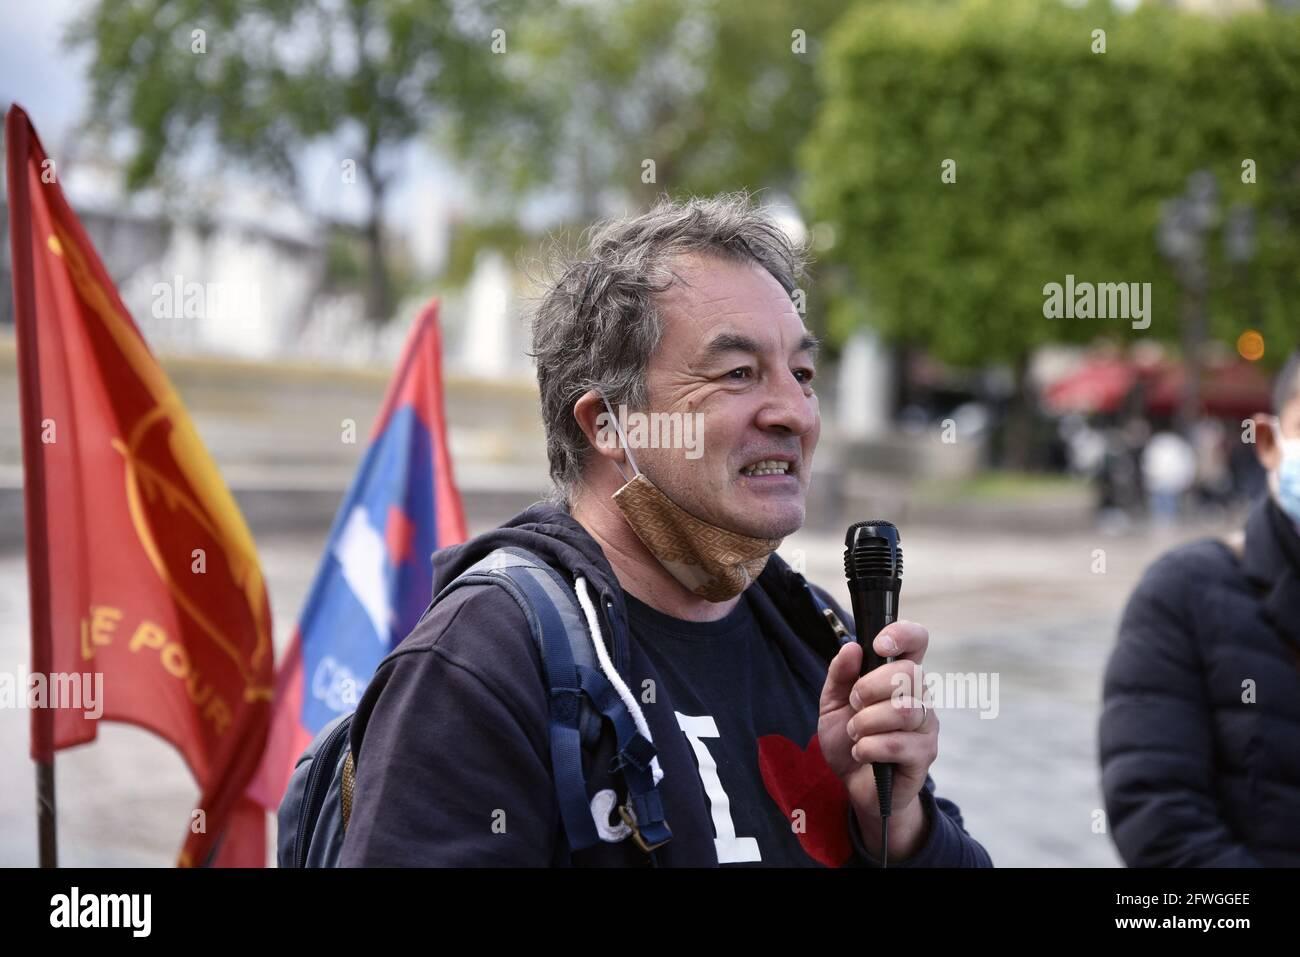 Cofundador de la ONG Green Lotus, Jean-Marc Brulé, durante la manifestación por la democracia en Myanmar y contra el golpe militar, en el Hôtel de Ville de París, Francia, el 22 de mayo de 2021. Foto de Patrice Pierrot/Avenir Pictures/ABACAPRESS.COM Foto de stock